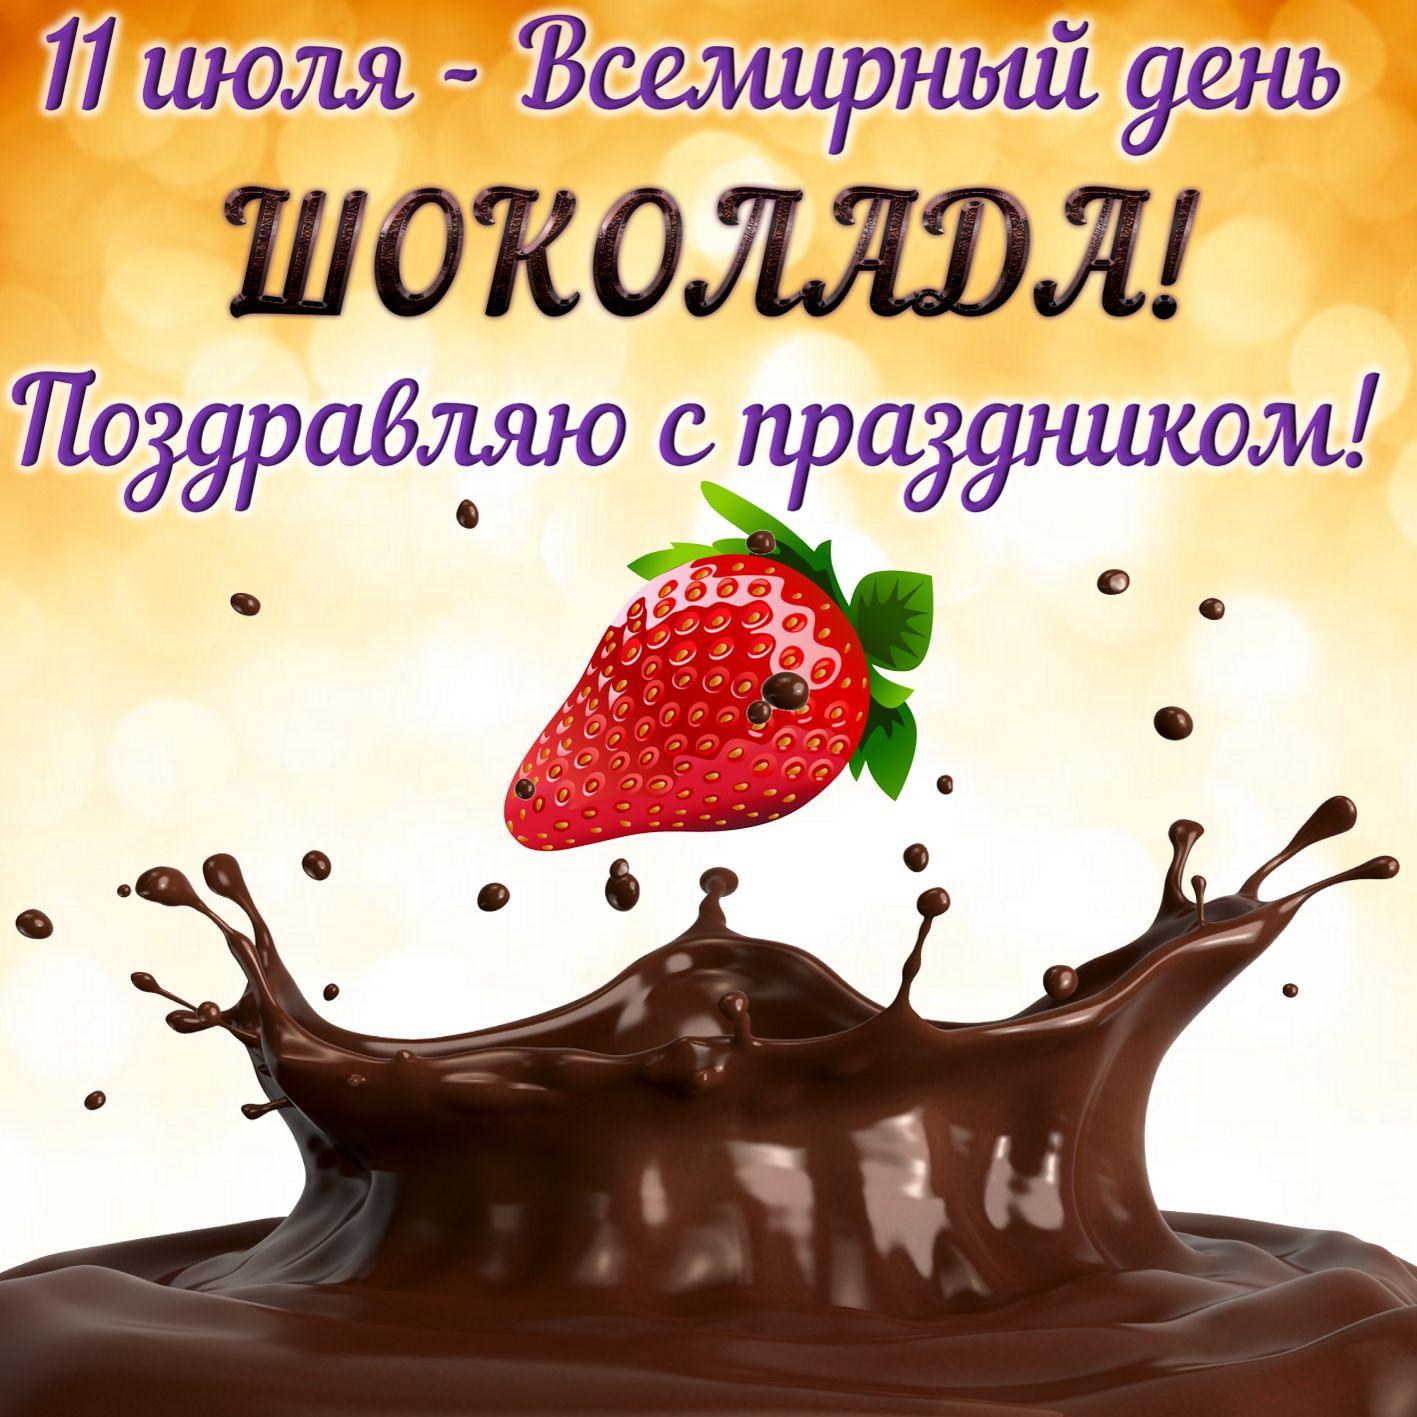 Открытки на день шоколада